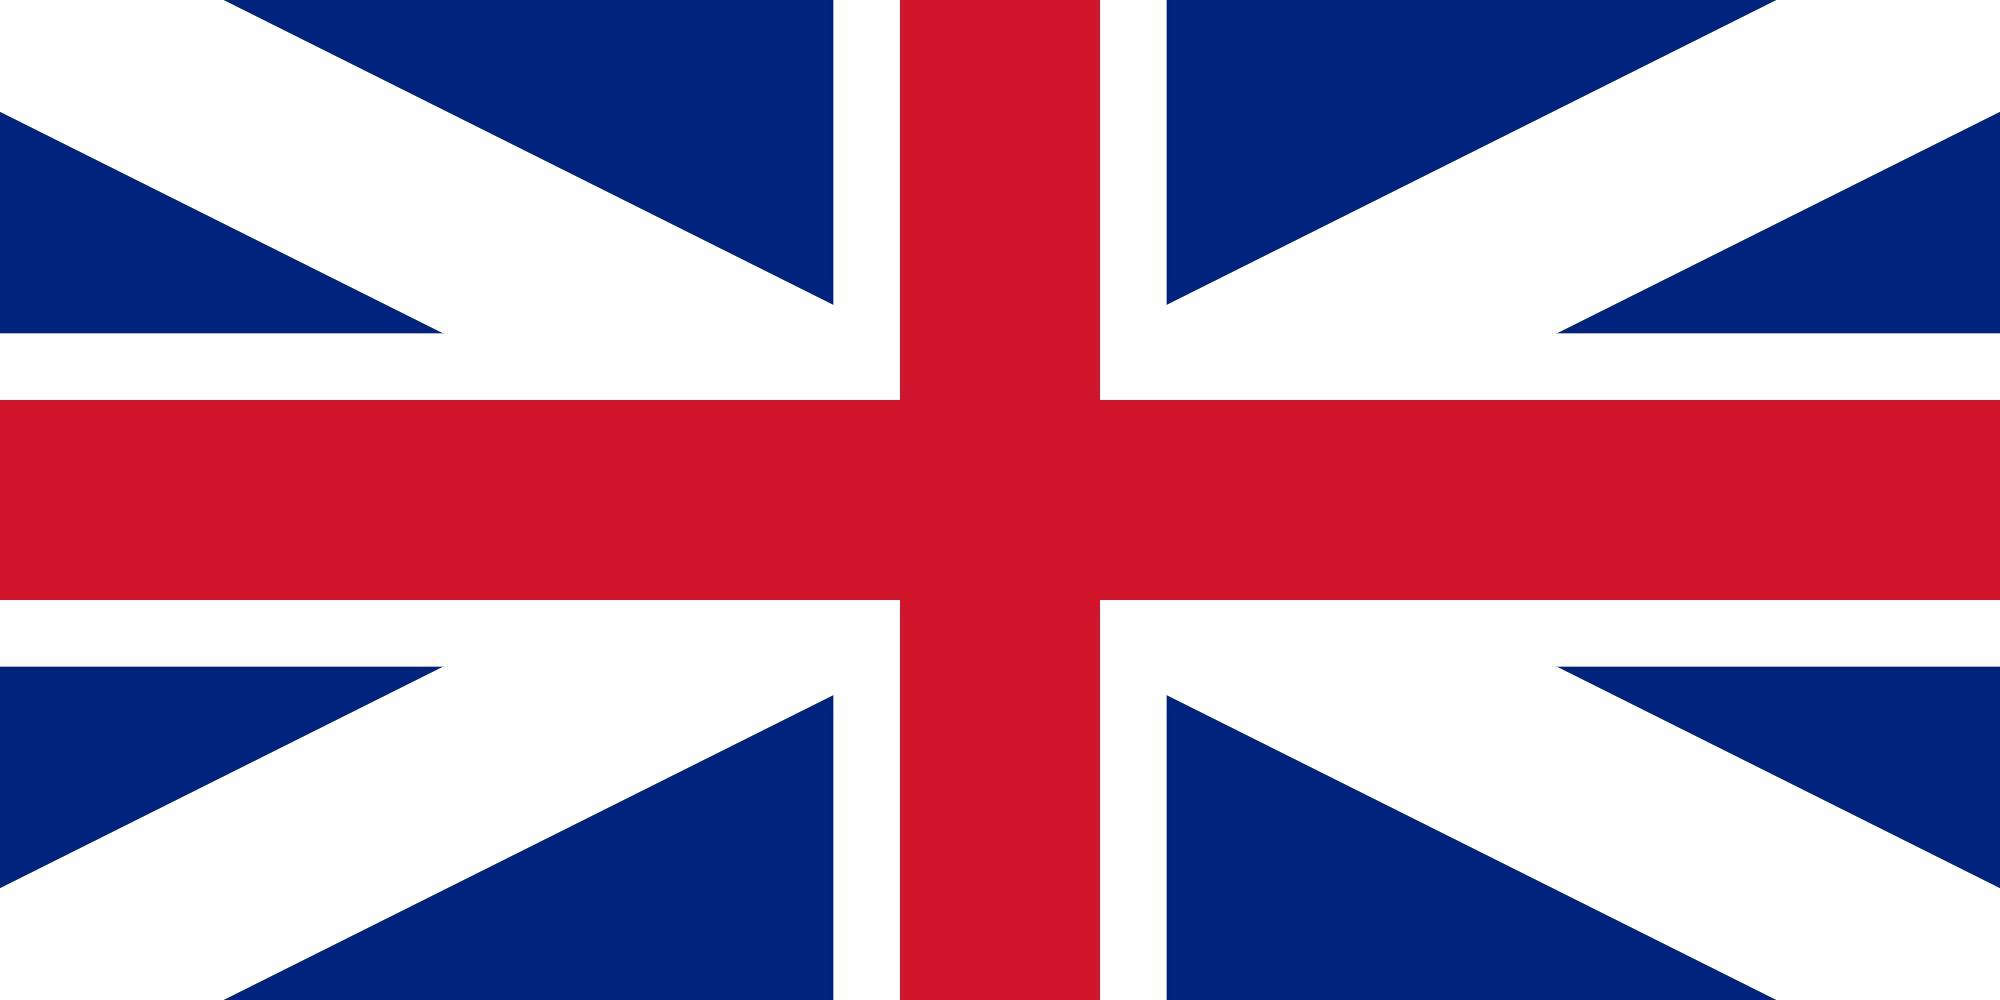 Reino Unido (MNI)